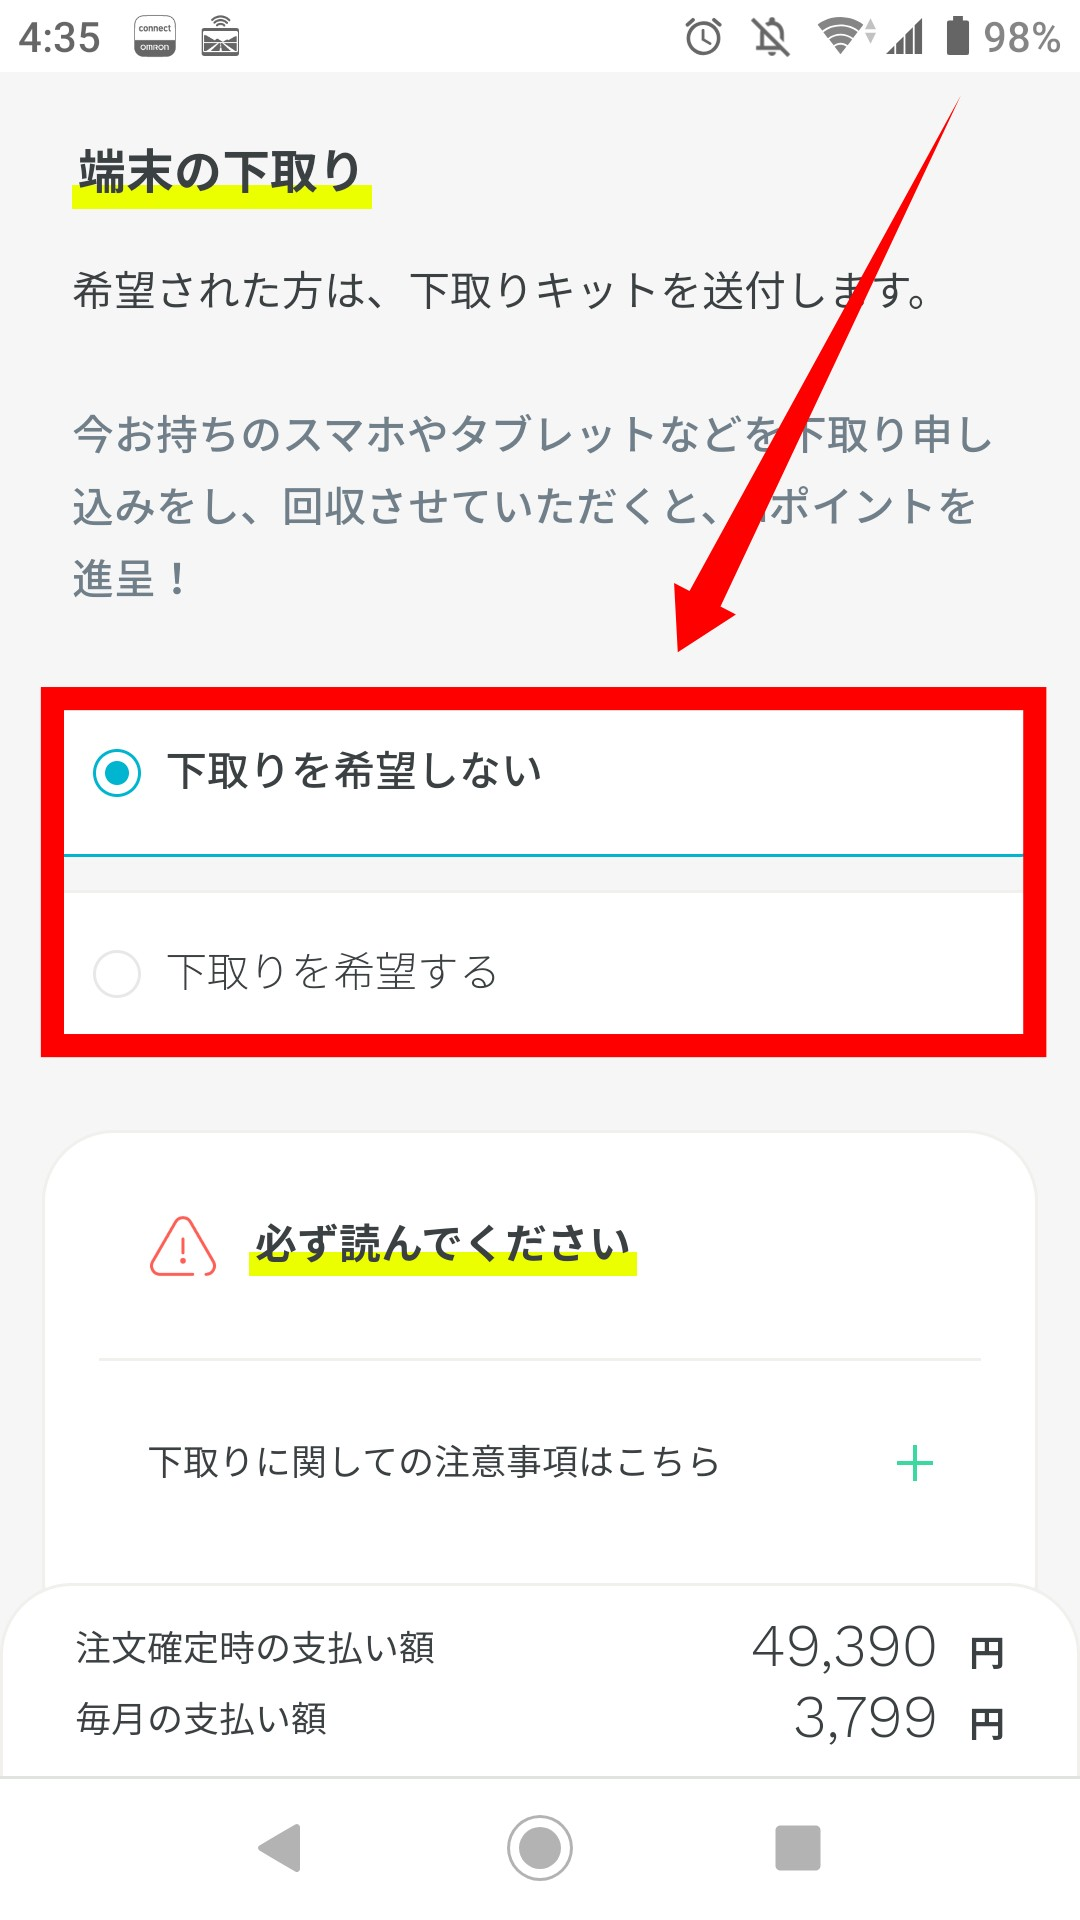 ahamoでケータイ補償サービスに加入する方法